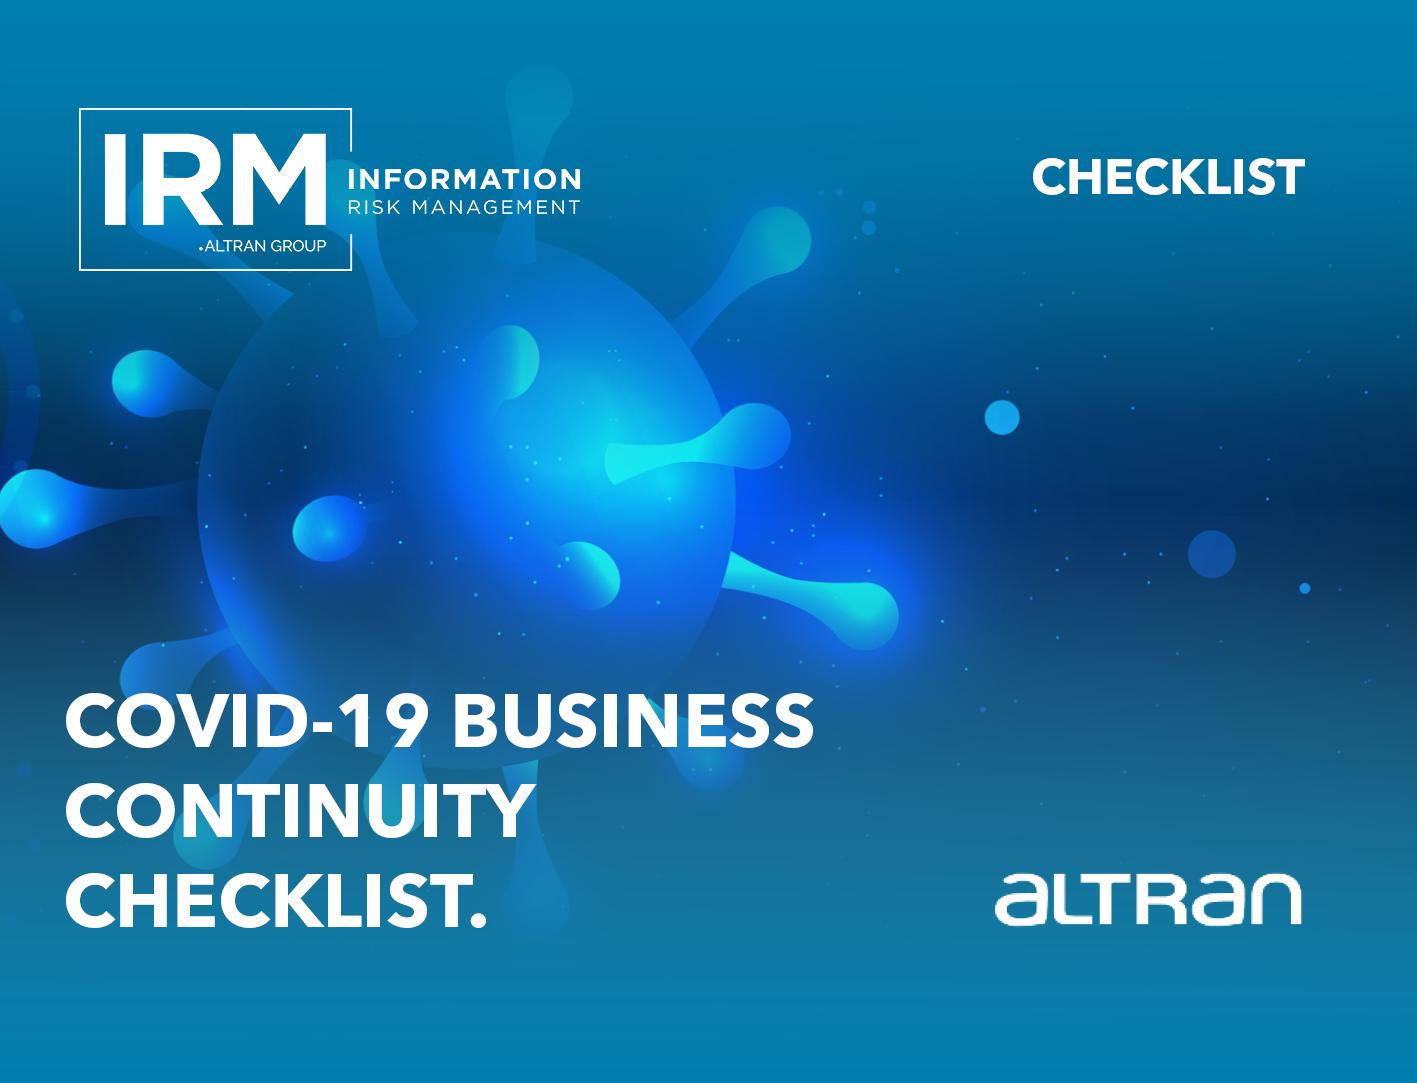 COVID-19 Business Continuity Checklist